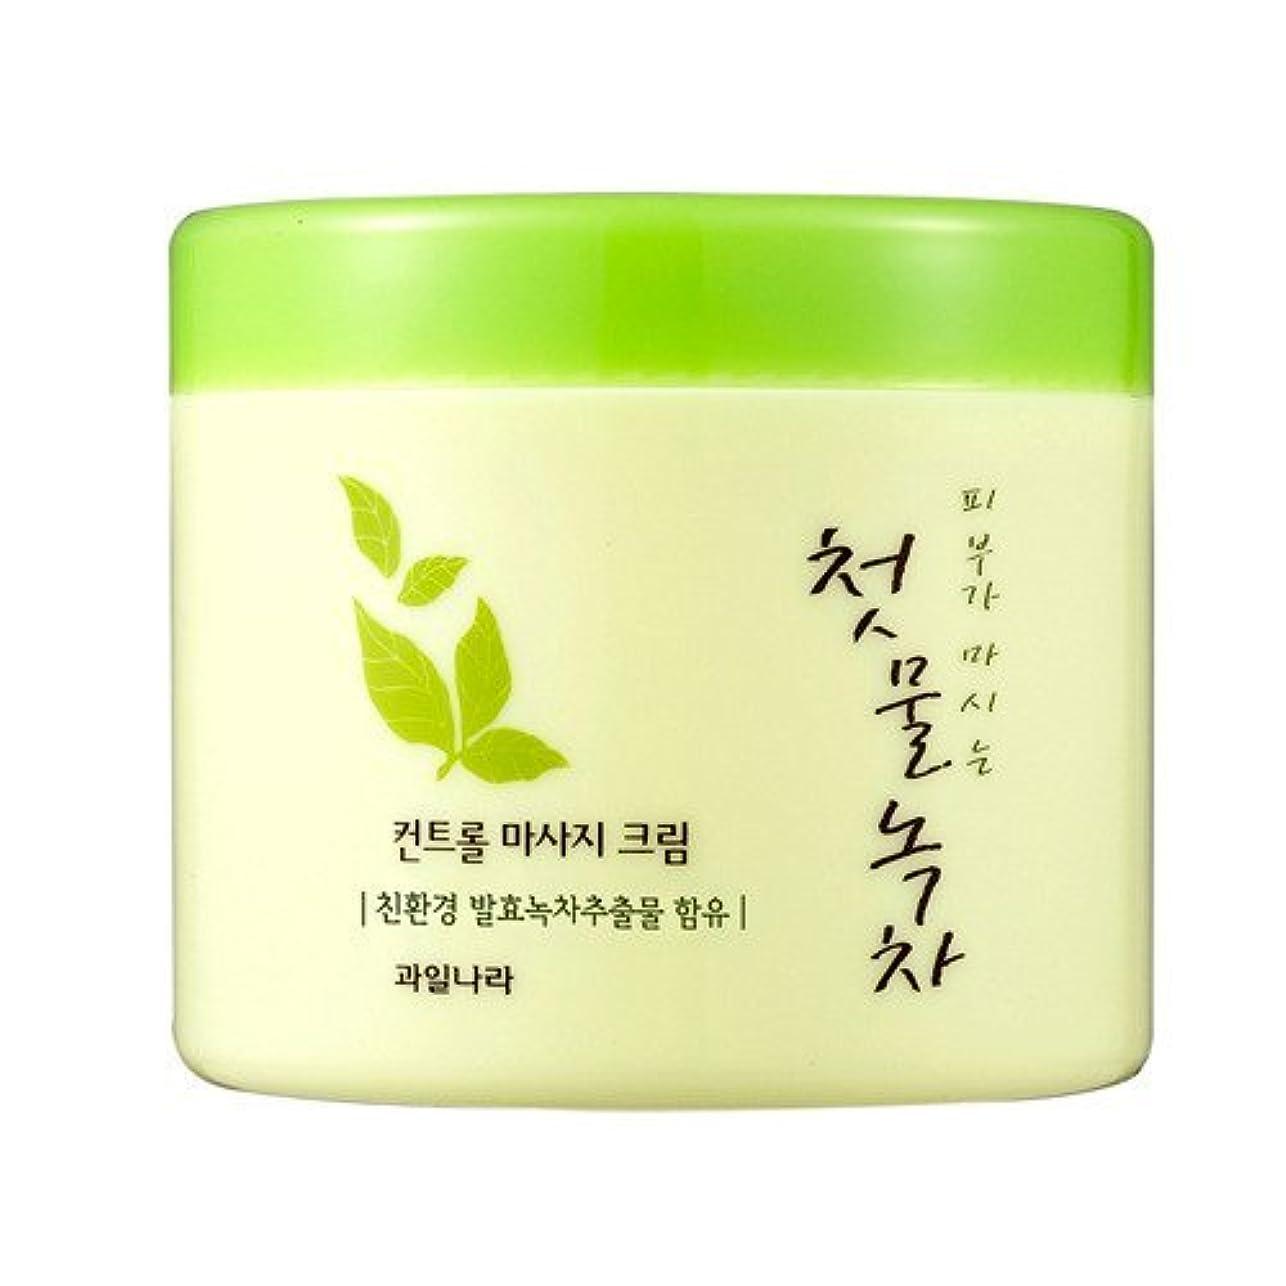 楽なイデオロギー卑しいwelcos[ウェルコス] コントロールマッサージクリーム300ml/First Green Tea Control Massage Cream 300ml [並行輸入品]